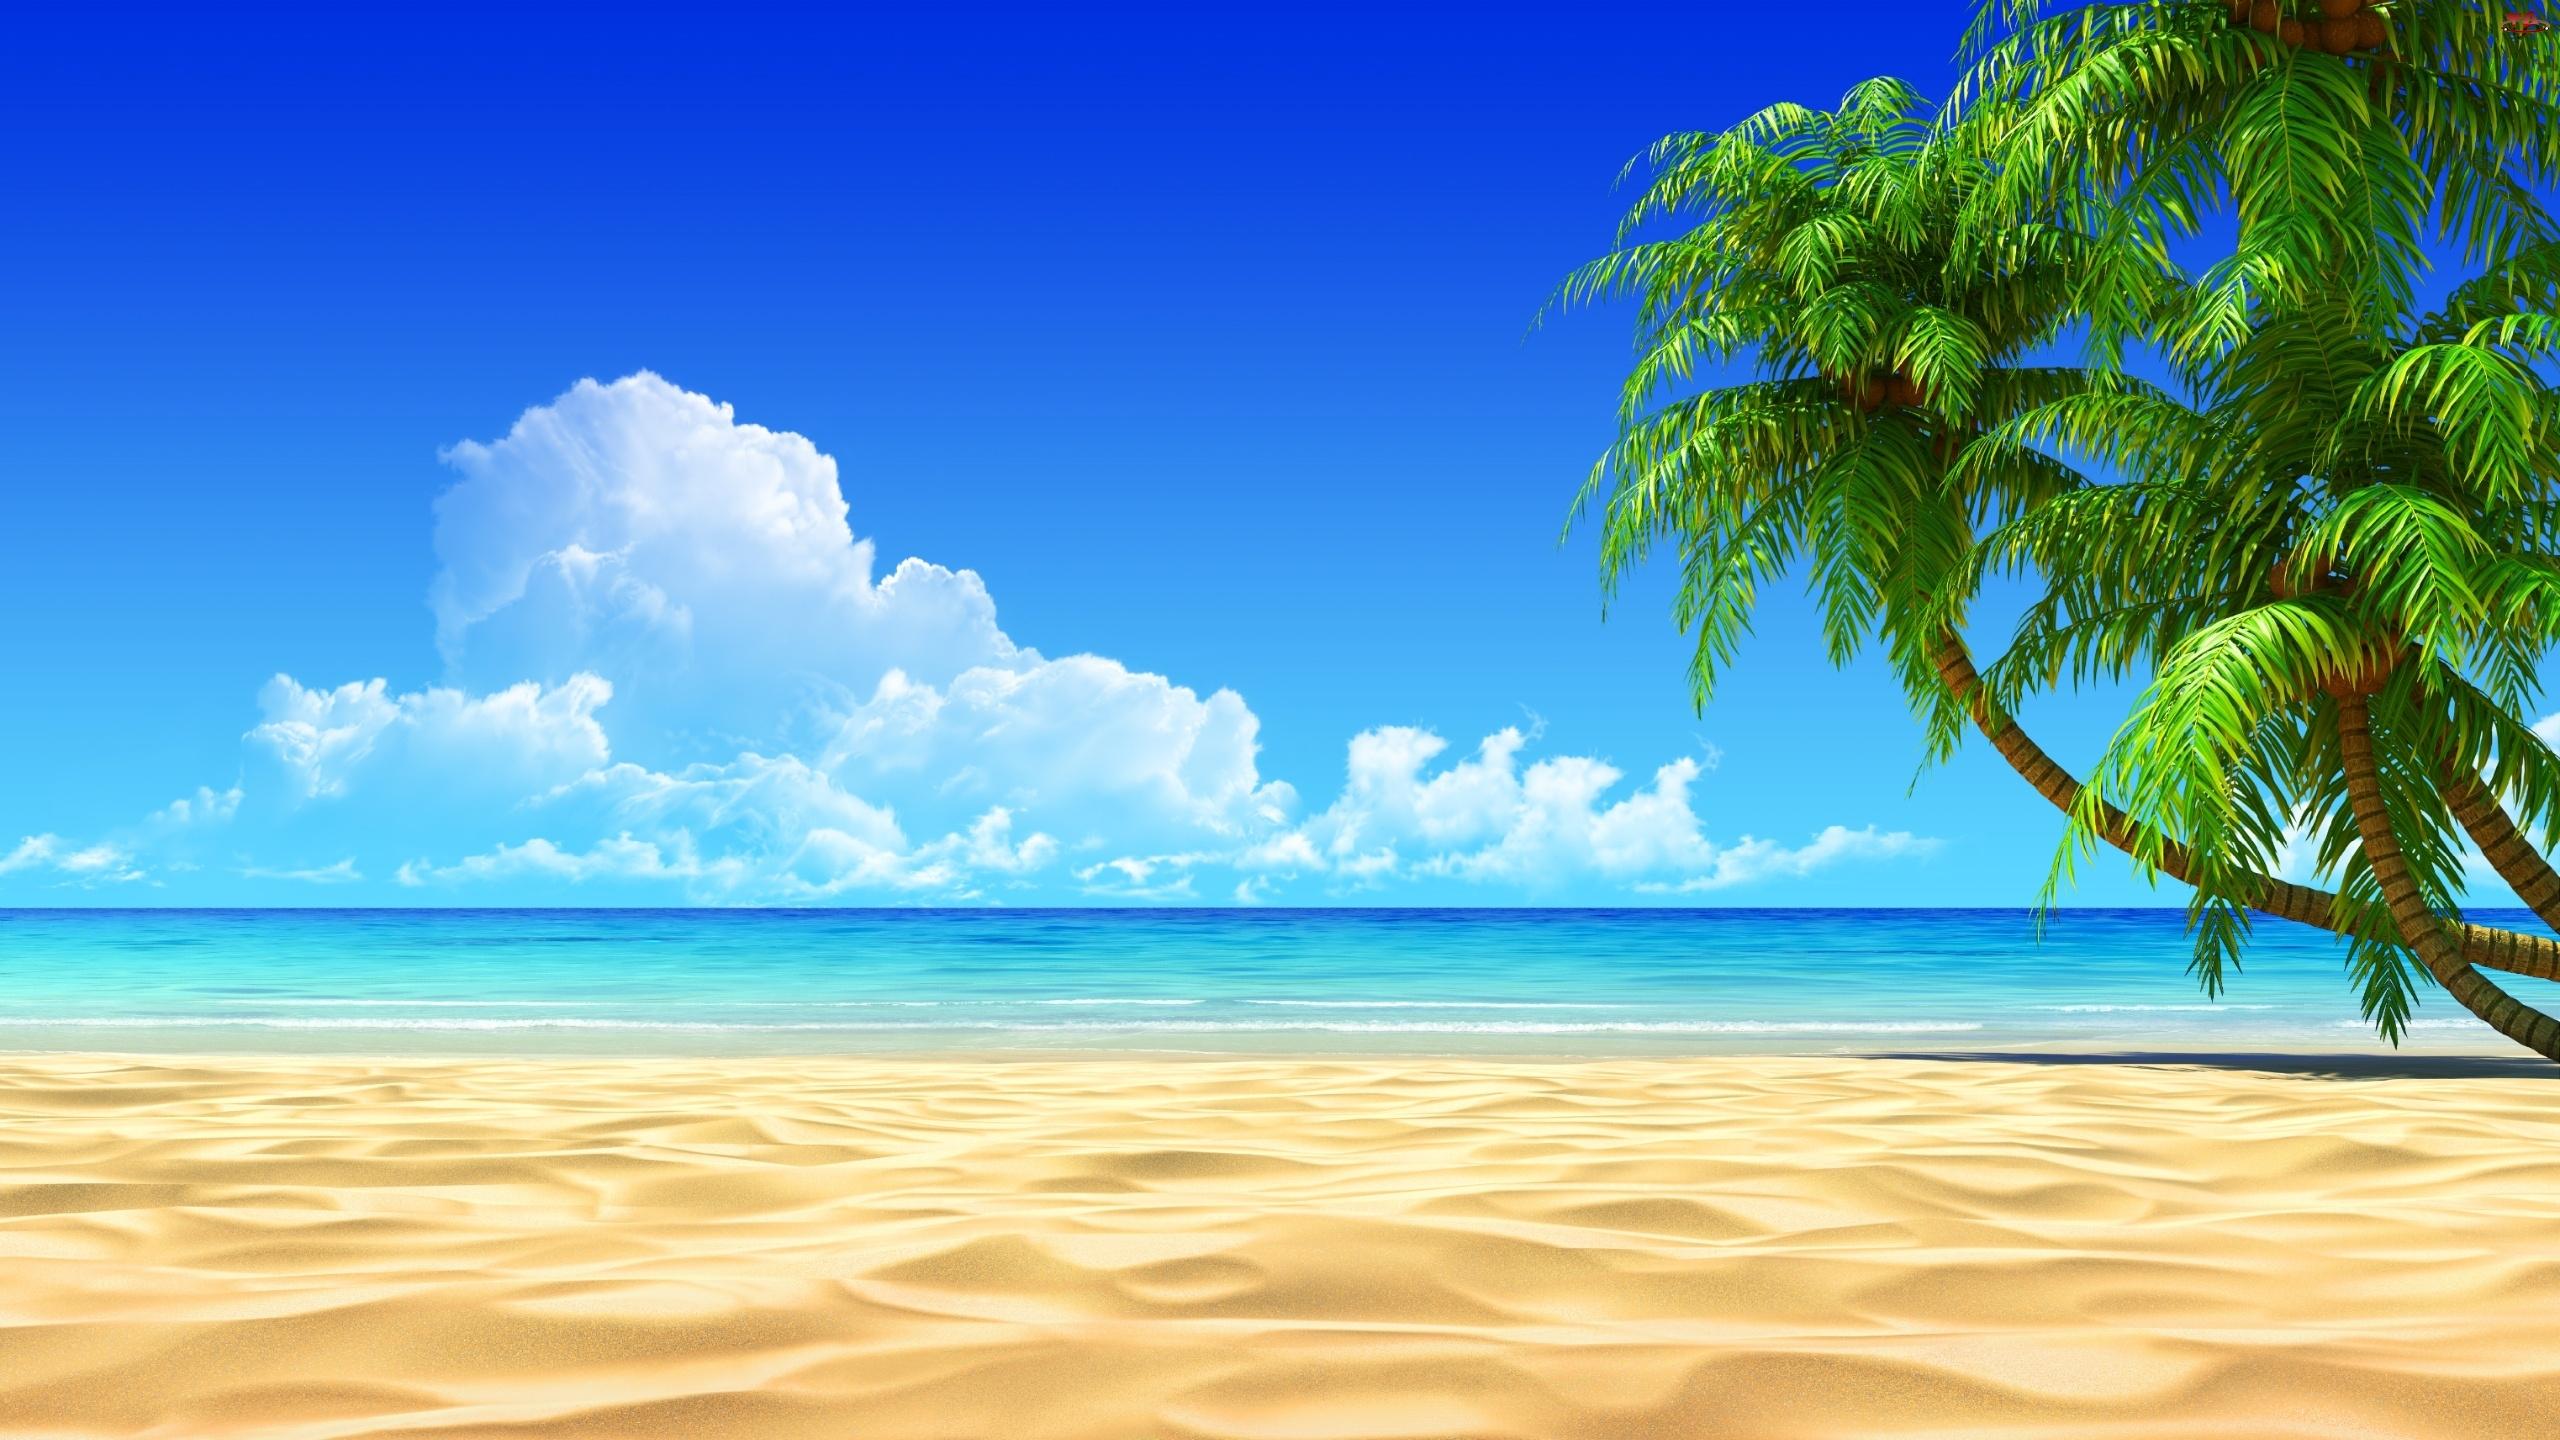 3D-Beach-Wallpaper-HD-Download